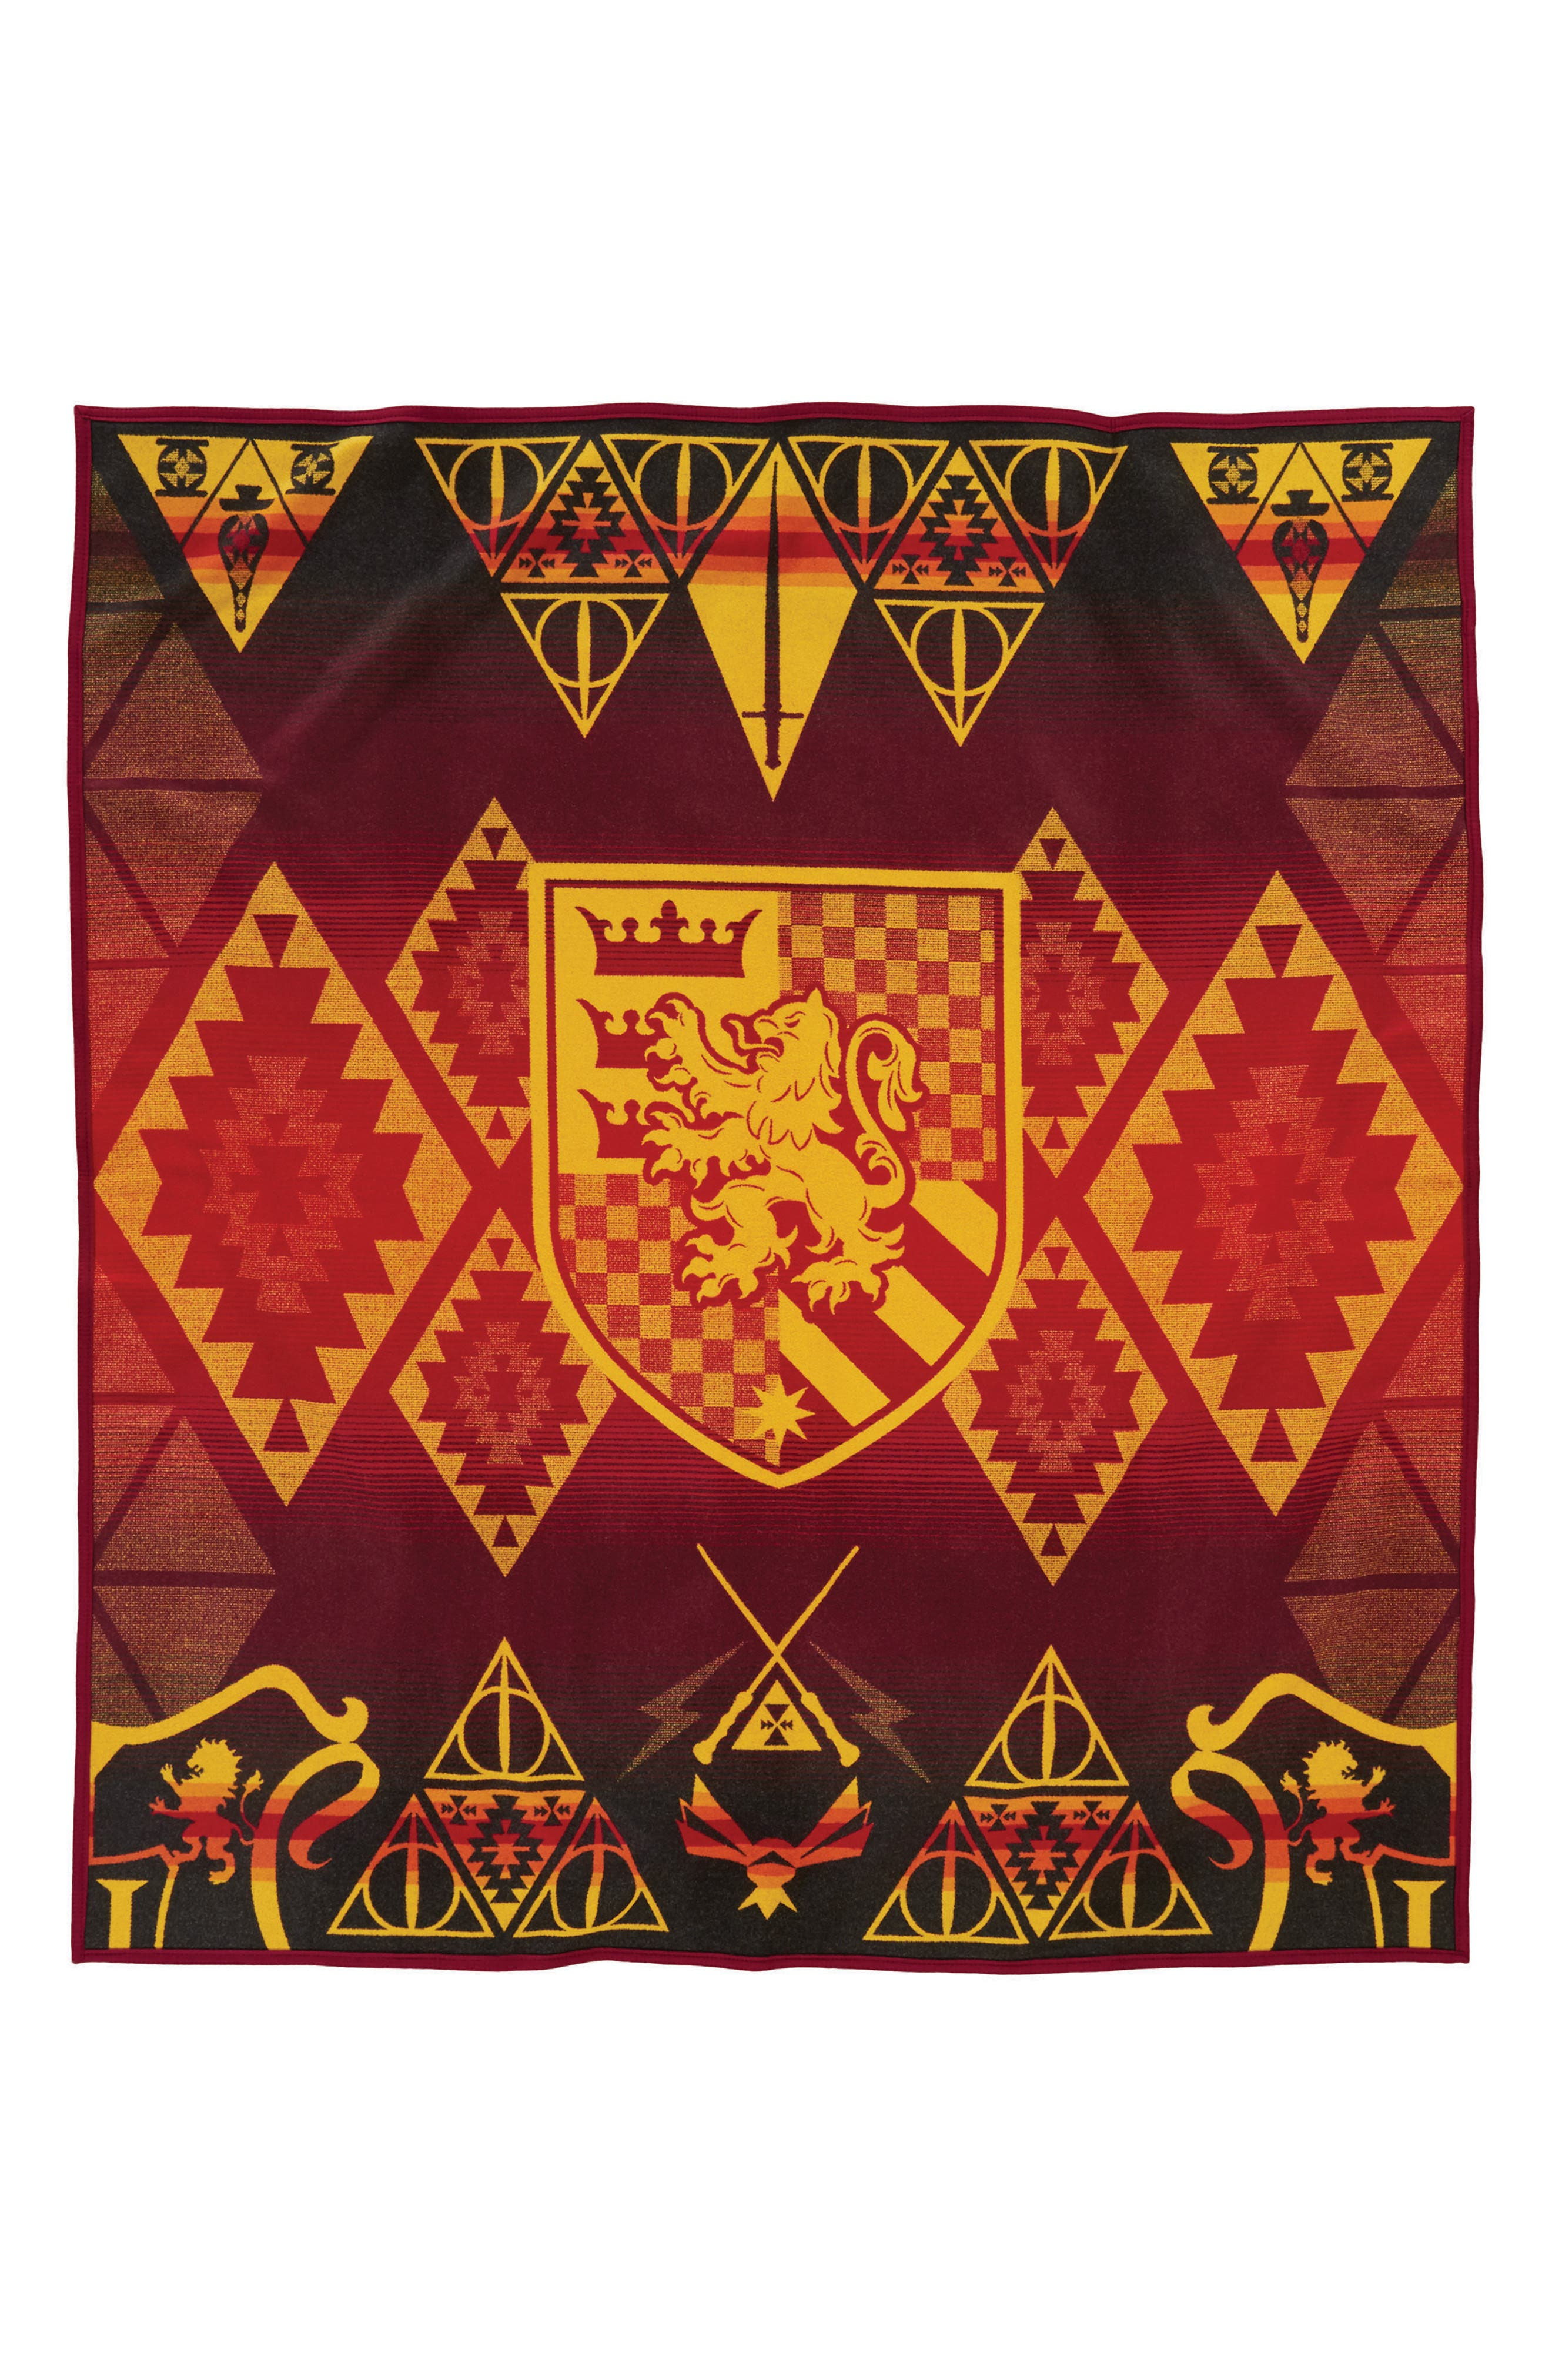 Harry Potter - Gryffindor Blanket,                         Main,                         color, RED